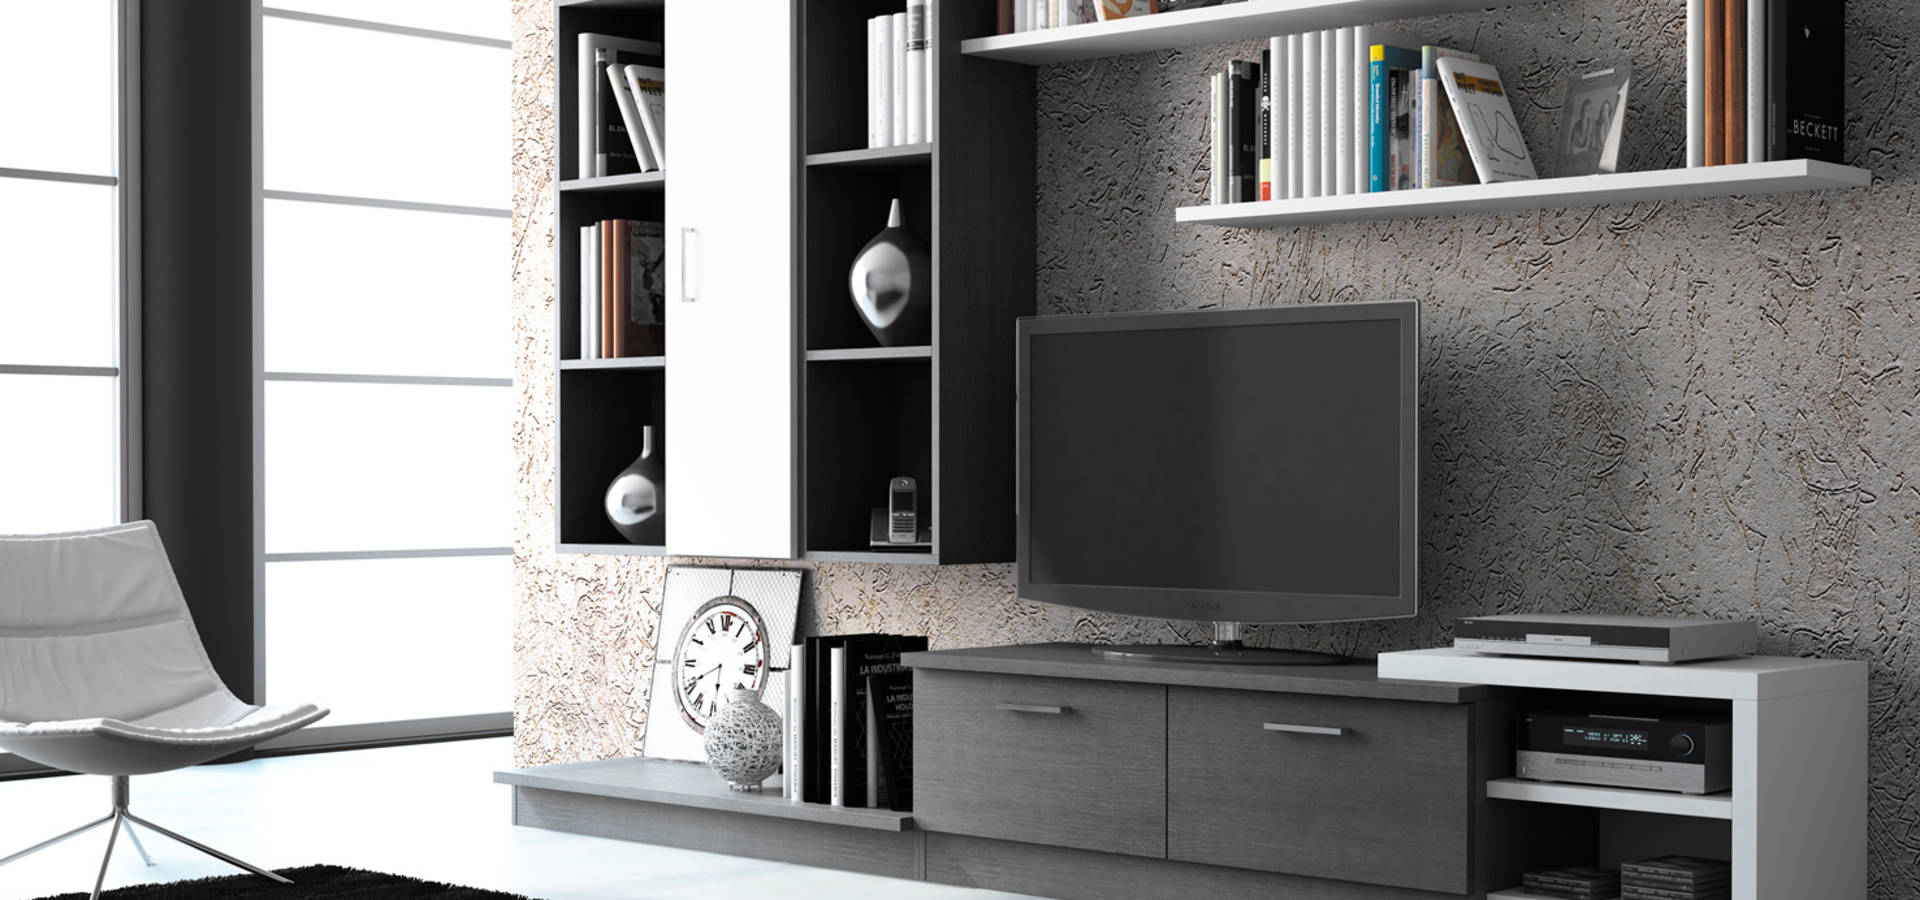 Muebles 1 Click : Muebles y accesorios en Dos Hermanas Sevilla  homify